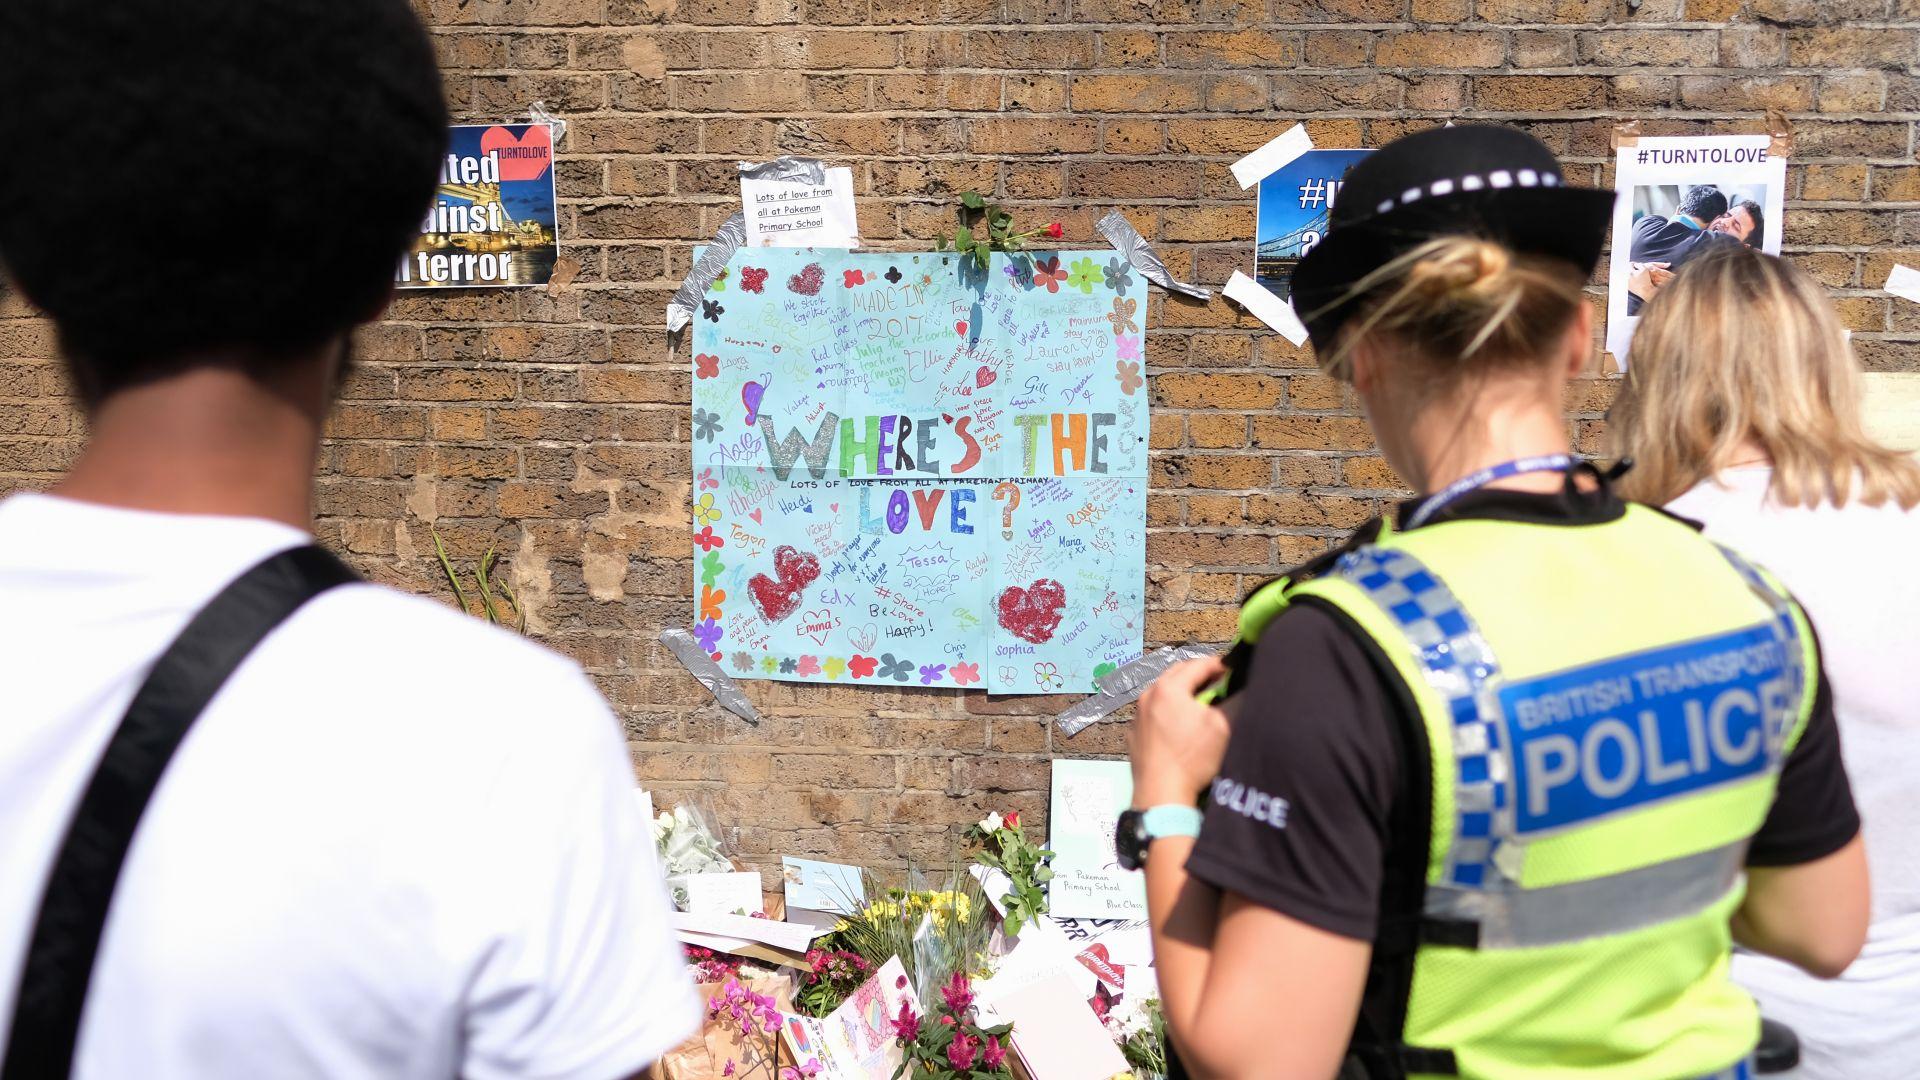 Една година след атаката срещу джамия в Лондон